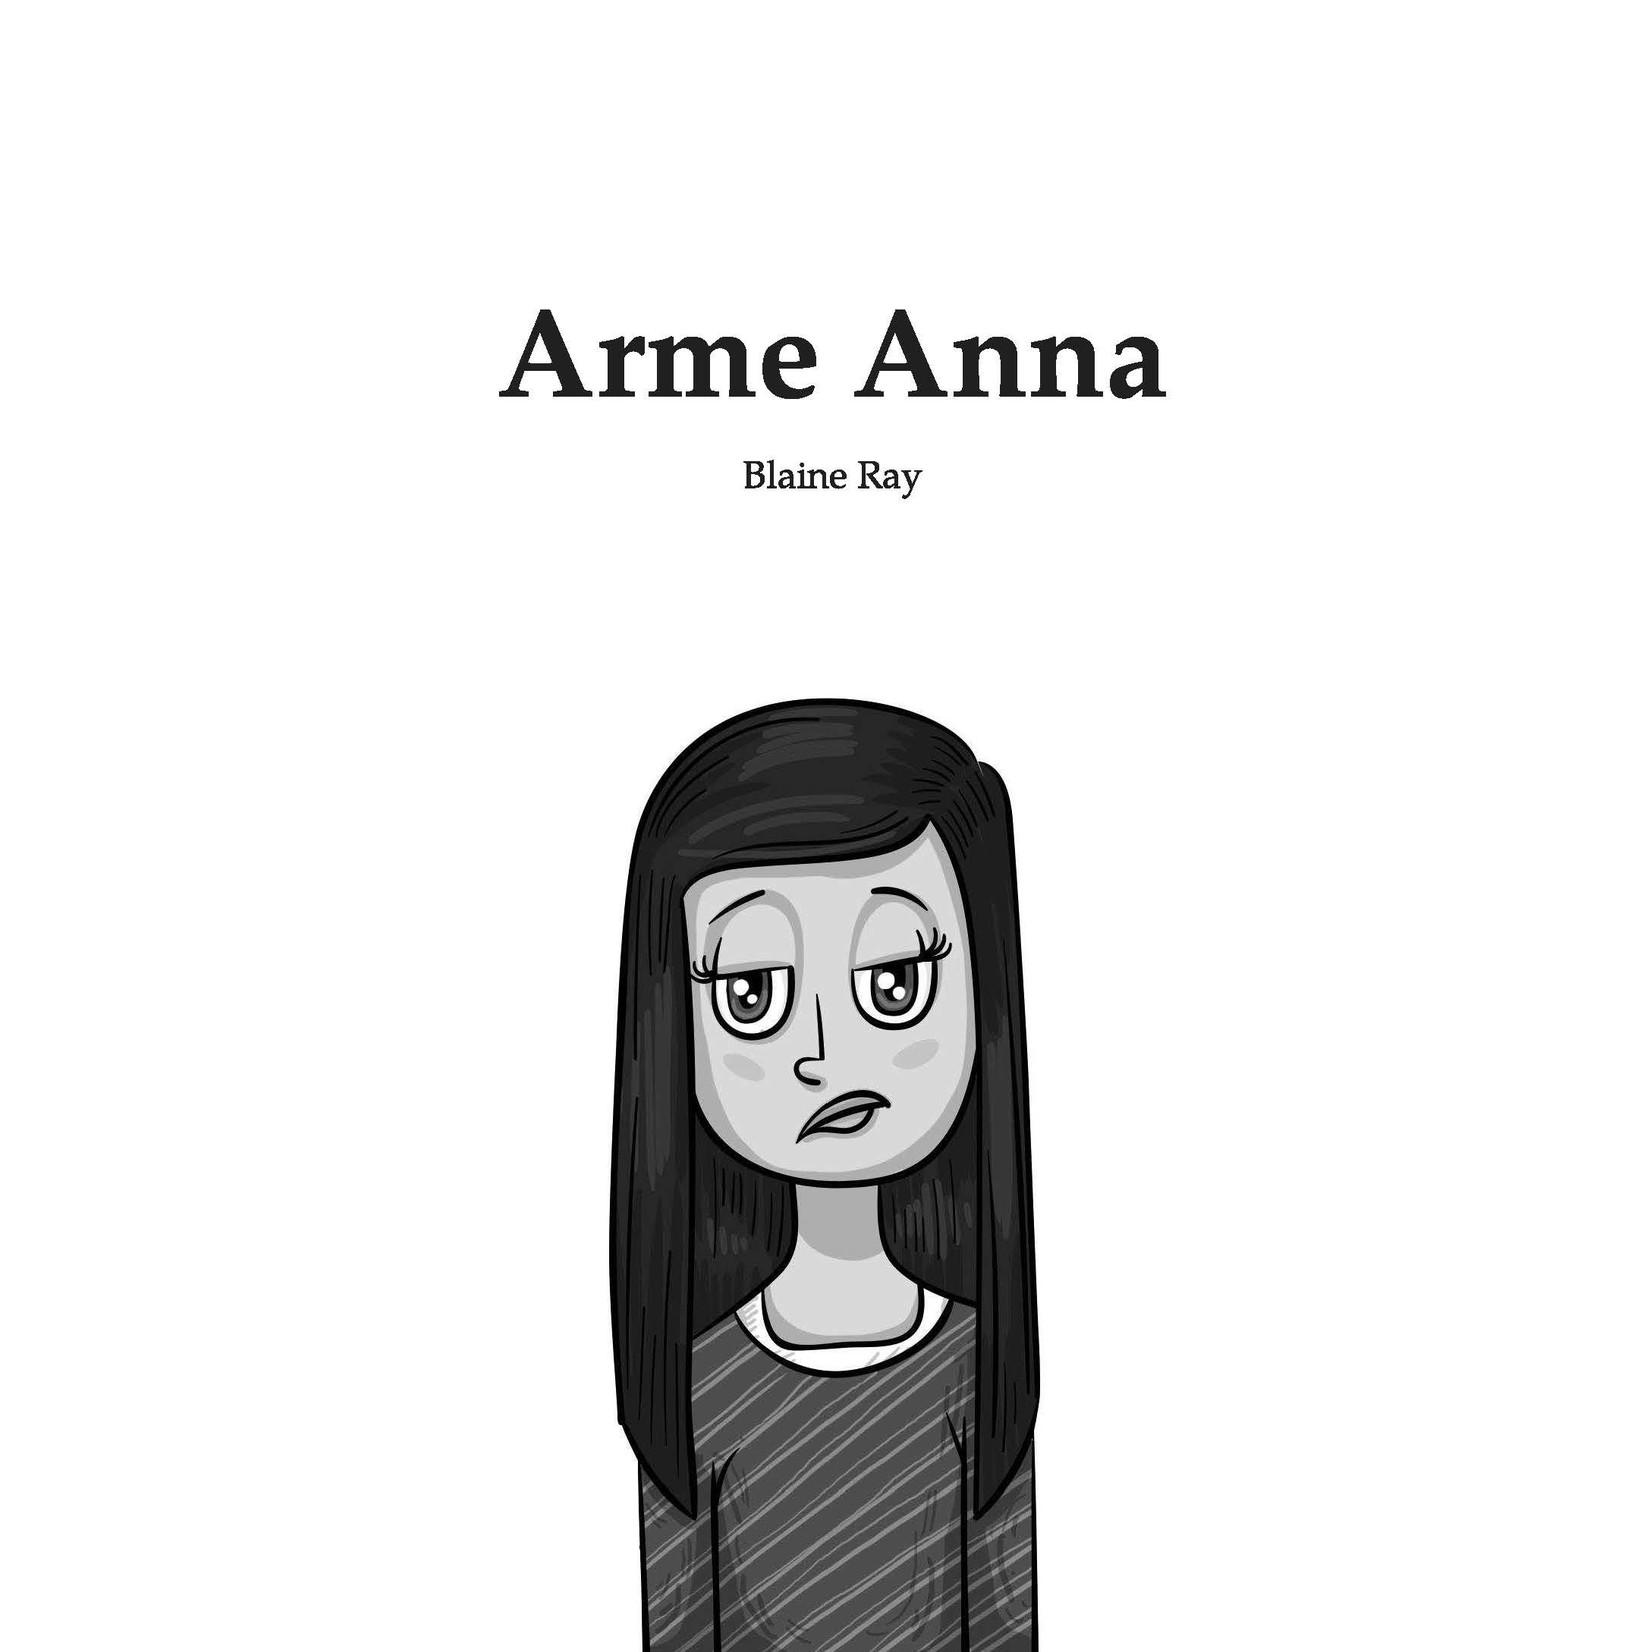 TPRS Books Arme Anna